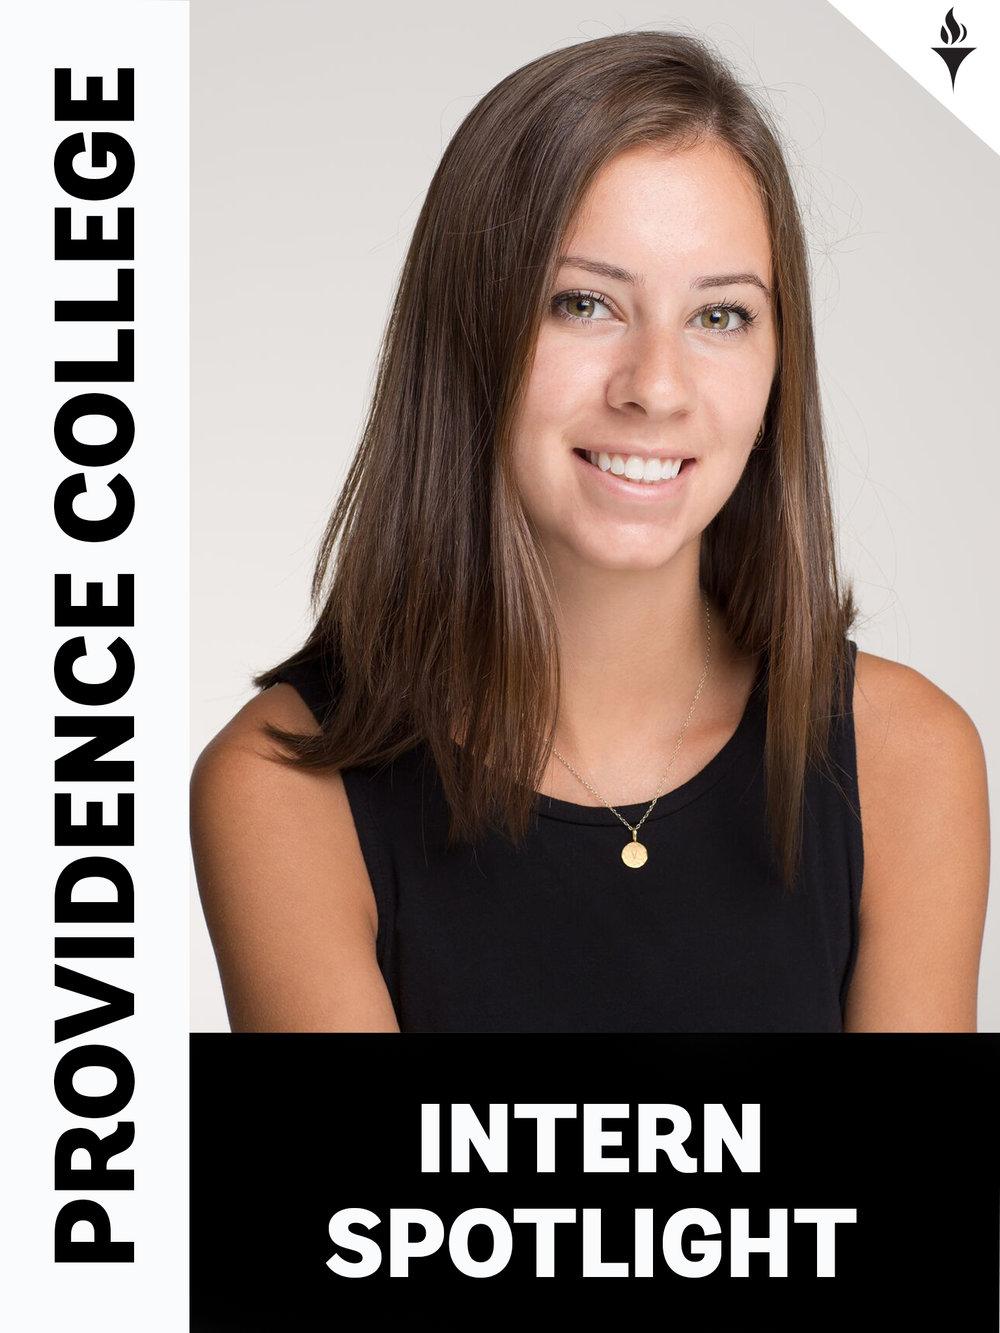 intern spotlight sarah.jpg